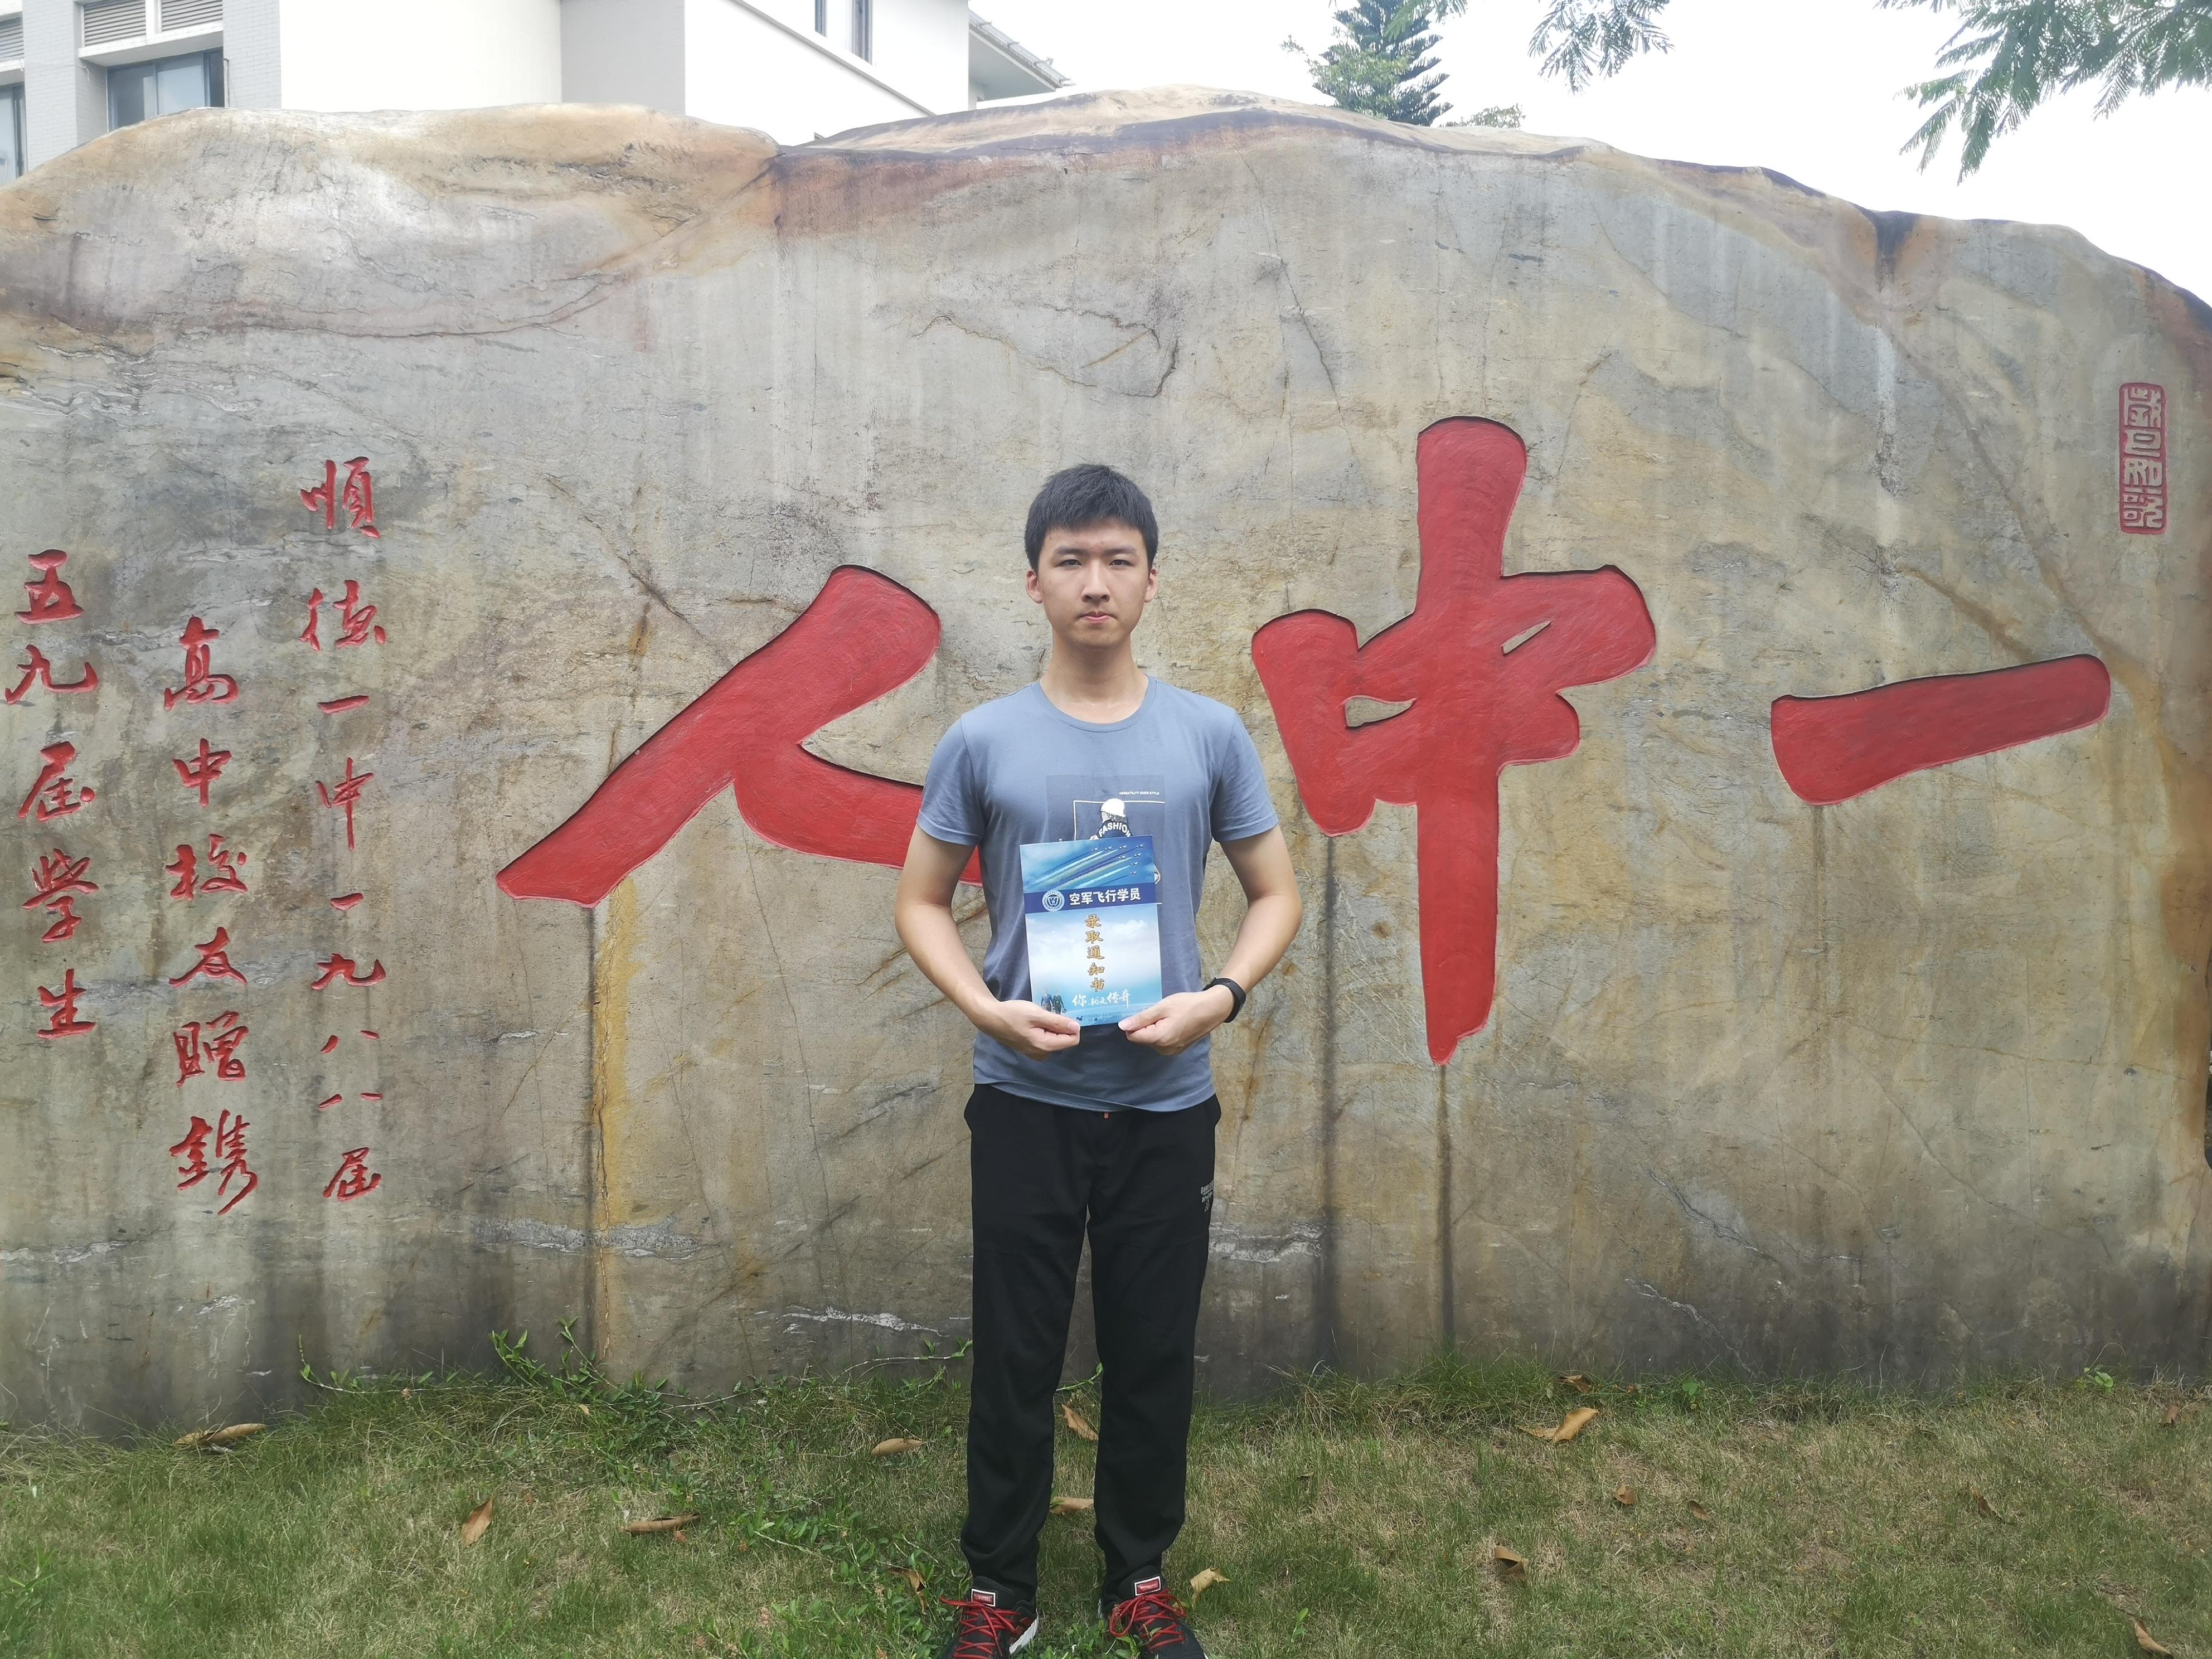 8月7日,顺德一中高三考生樊子轩收到空军录取通知书。肖楚晖 摄